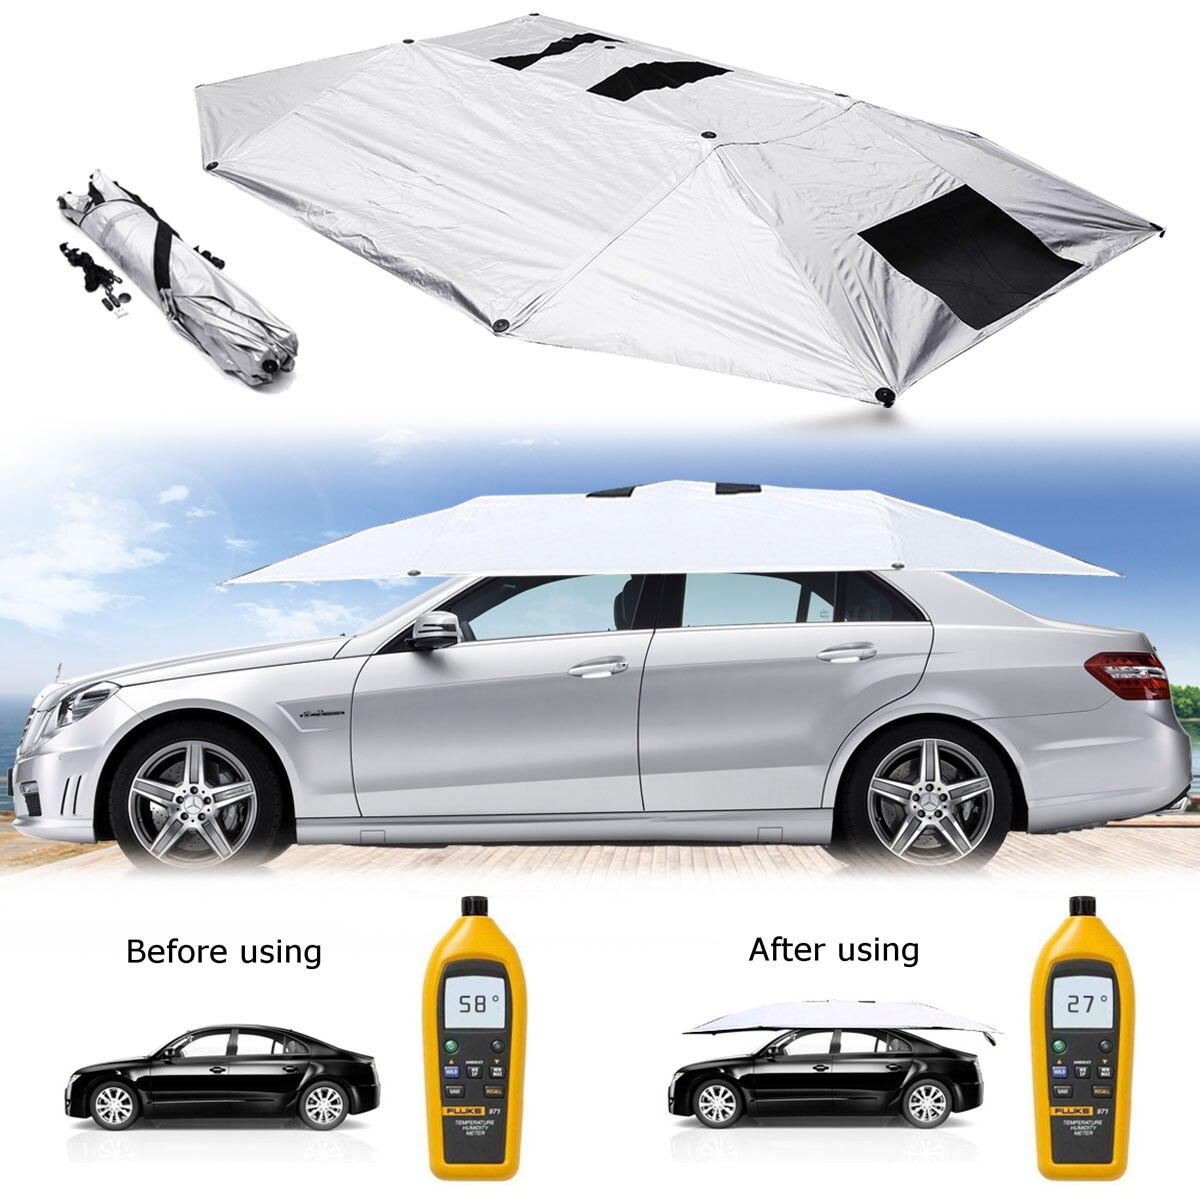 Bâche de voiture Portable parapluie extérieur amovible tente parapluie couverture de toit Kits de Protection UV housse de parasol voiture accessoire d'ombrage